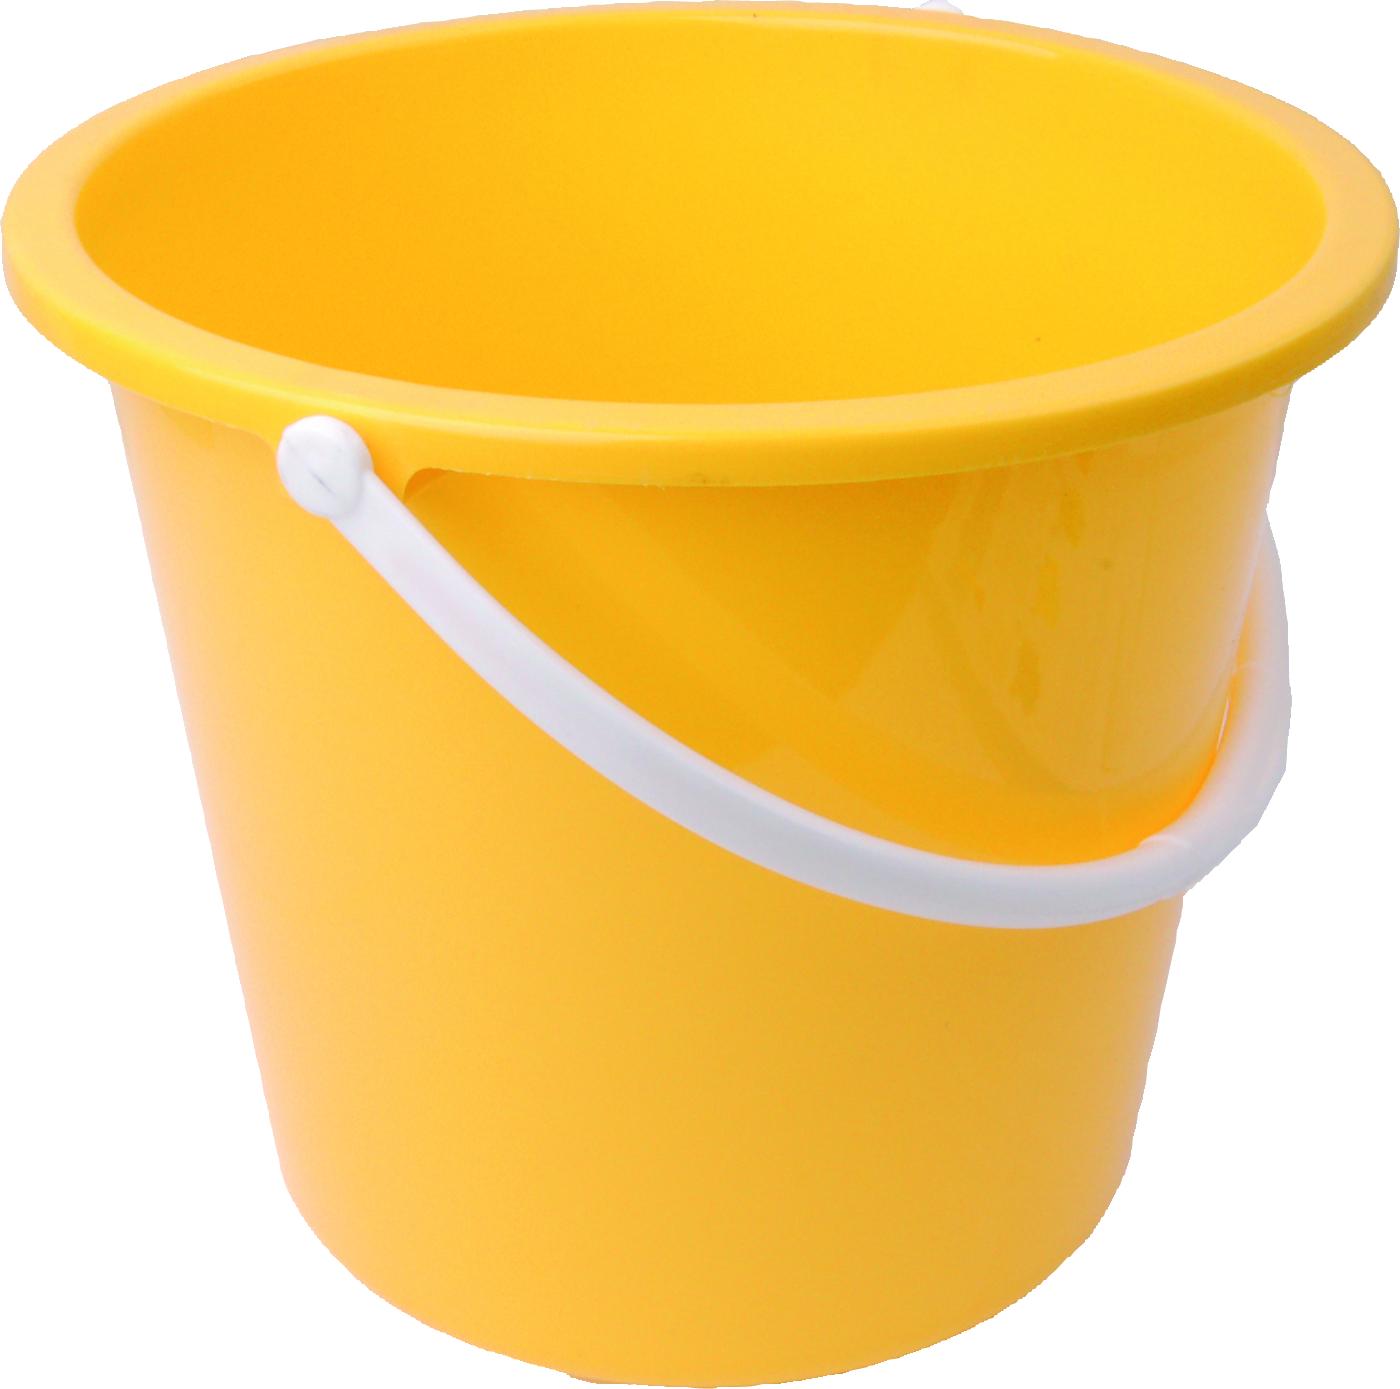 Yellow PLastic Bucket PNG Image